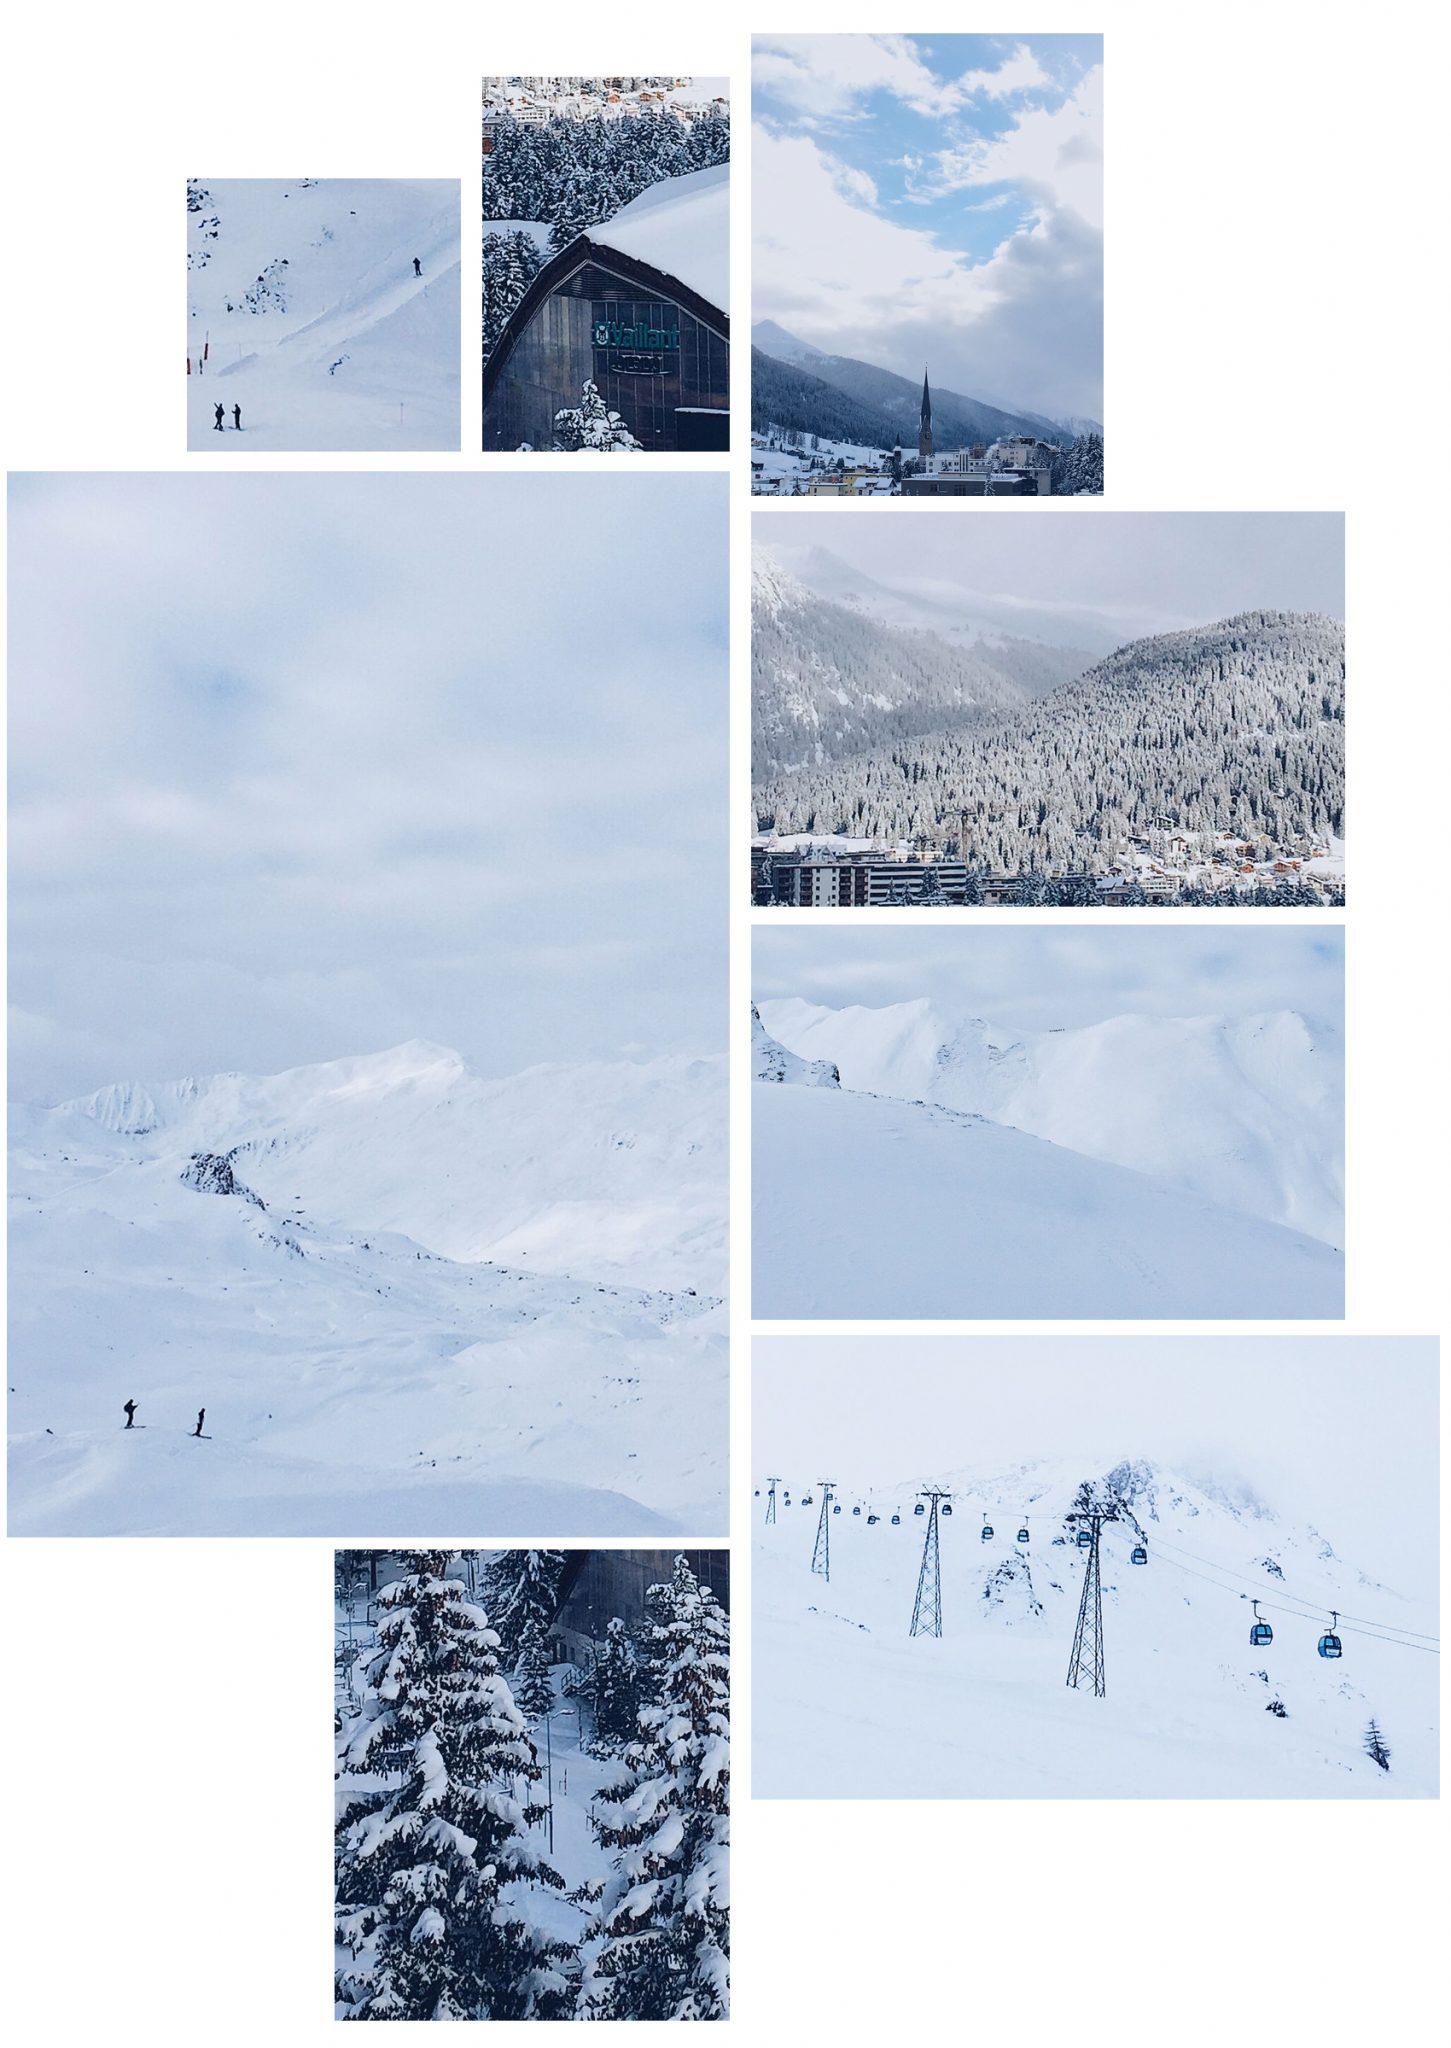 davos-snow